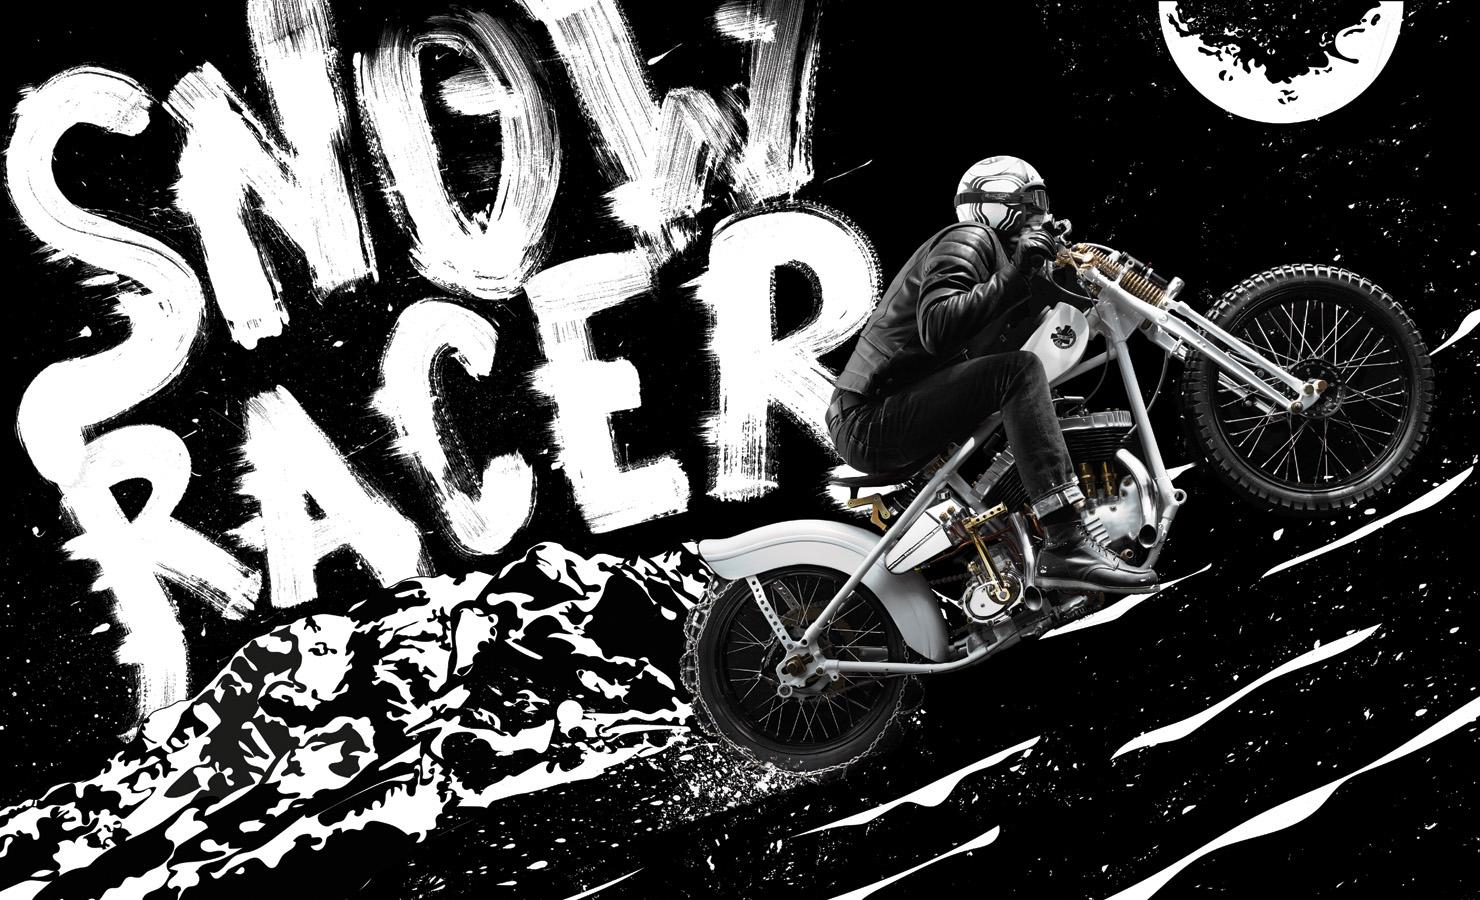 ehinger-_snowracer-1_1-side-900